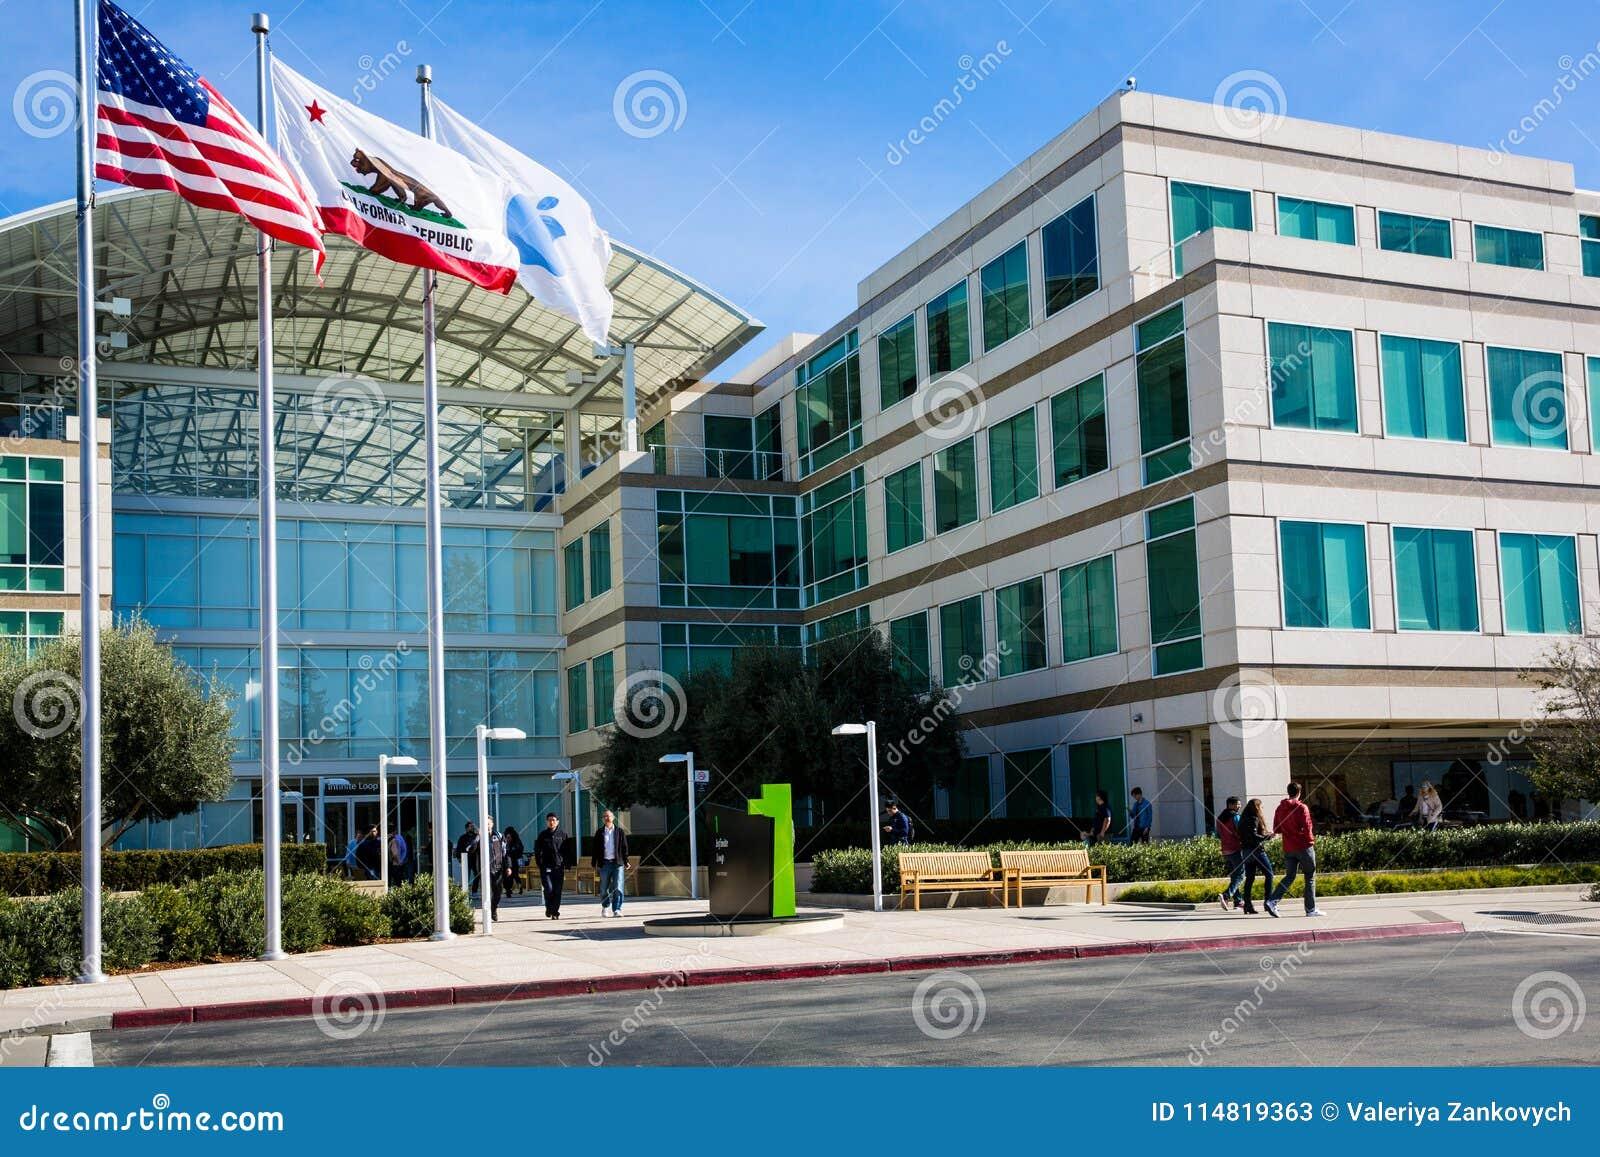 Бесконечный цикл Яблока, Cupertino, Калифорния, США - 30-ое января 2017: Вещество Яблока перед штабами мира Яблока